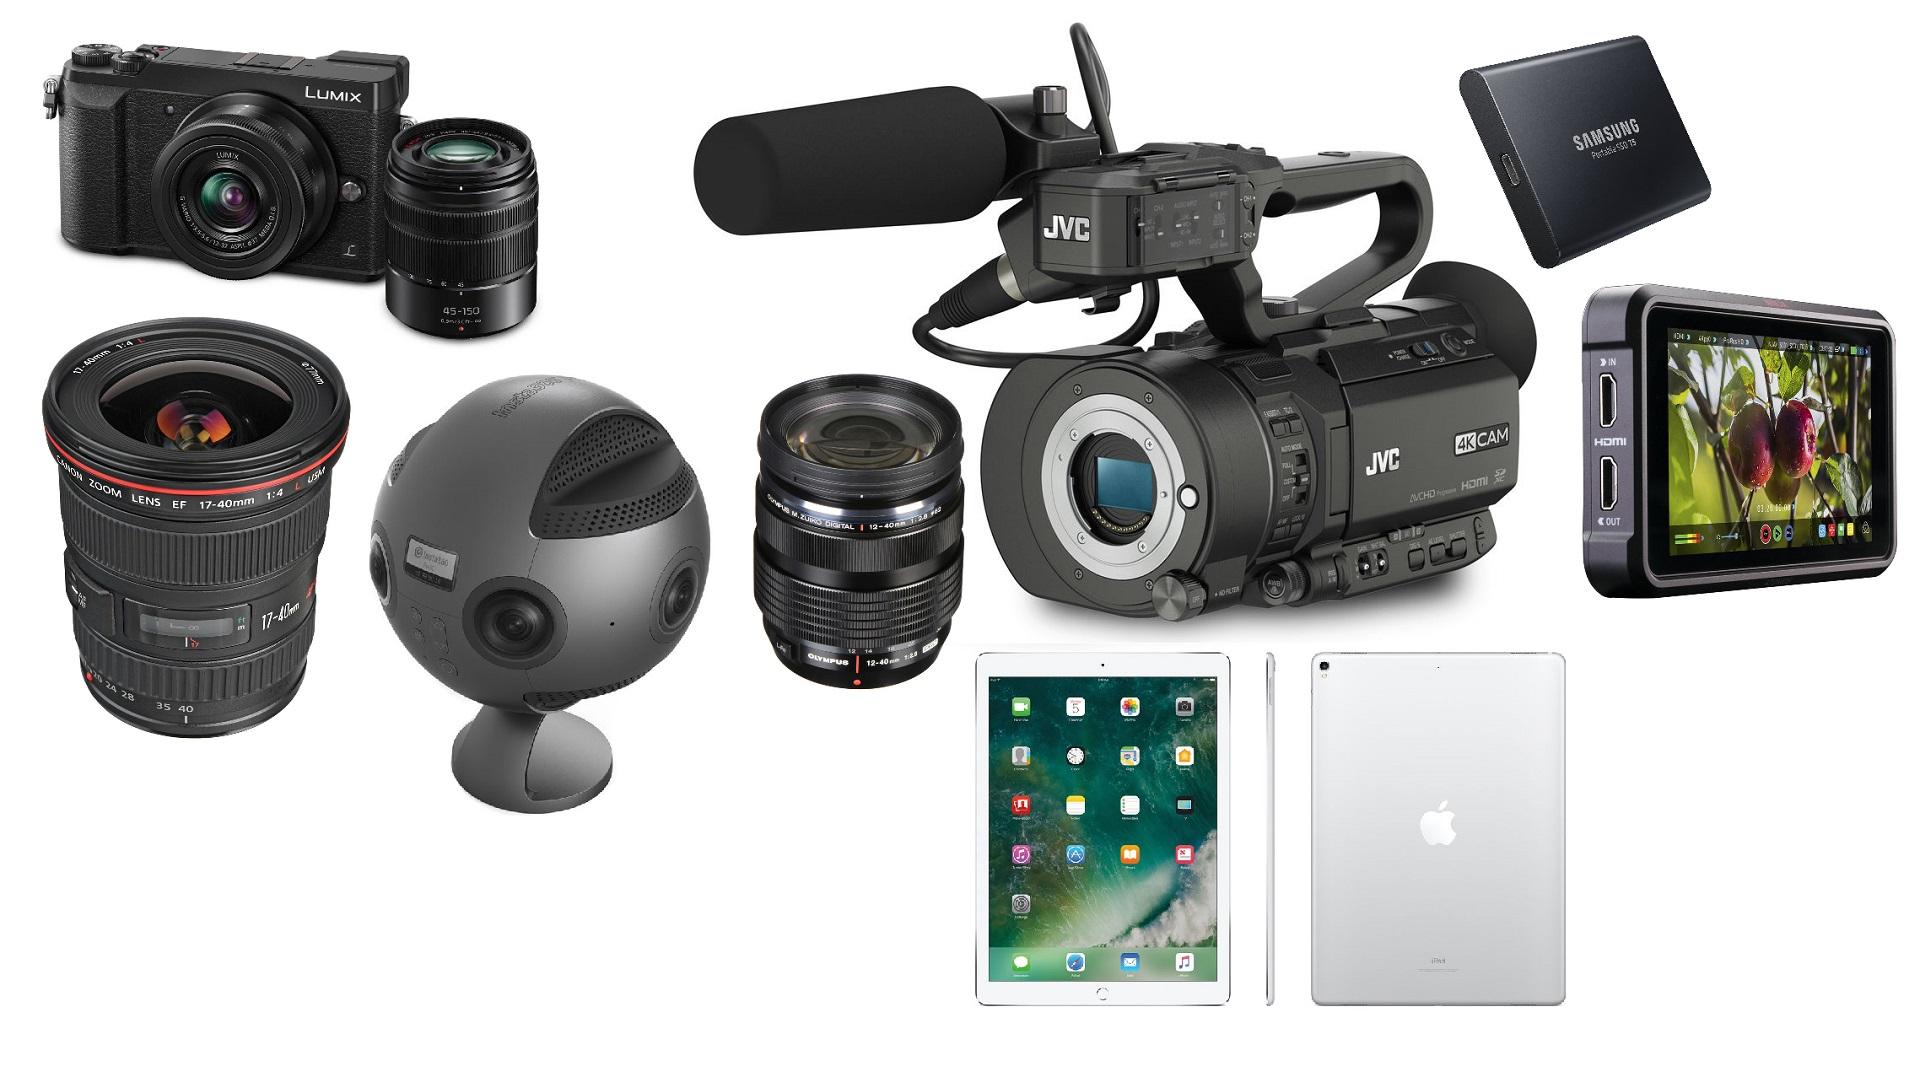 Las mejores ofertas de esta semana para cineastas: Sony a7R II y a7R III, LUMIX GX85, lentes Canon, Insta360 Pro y más